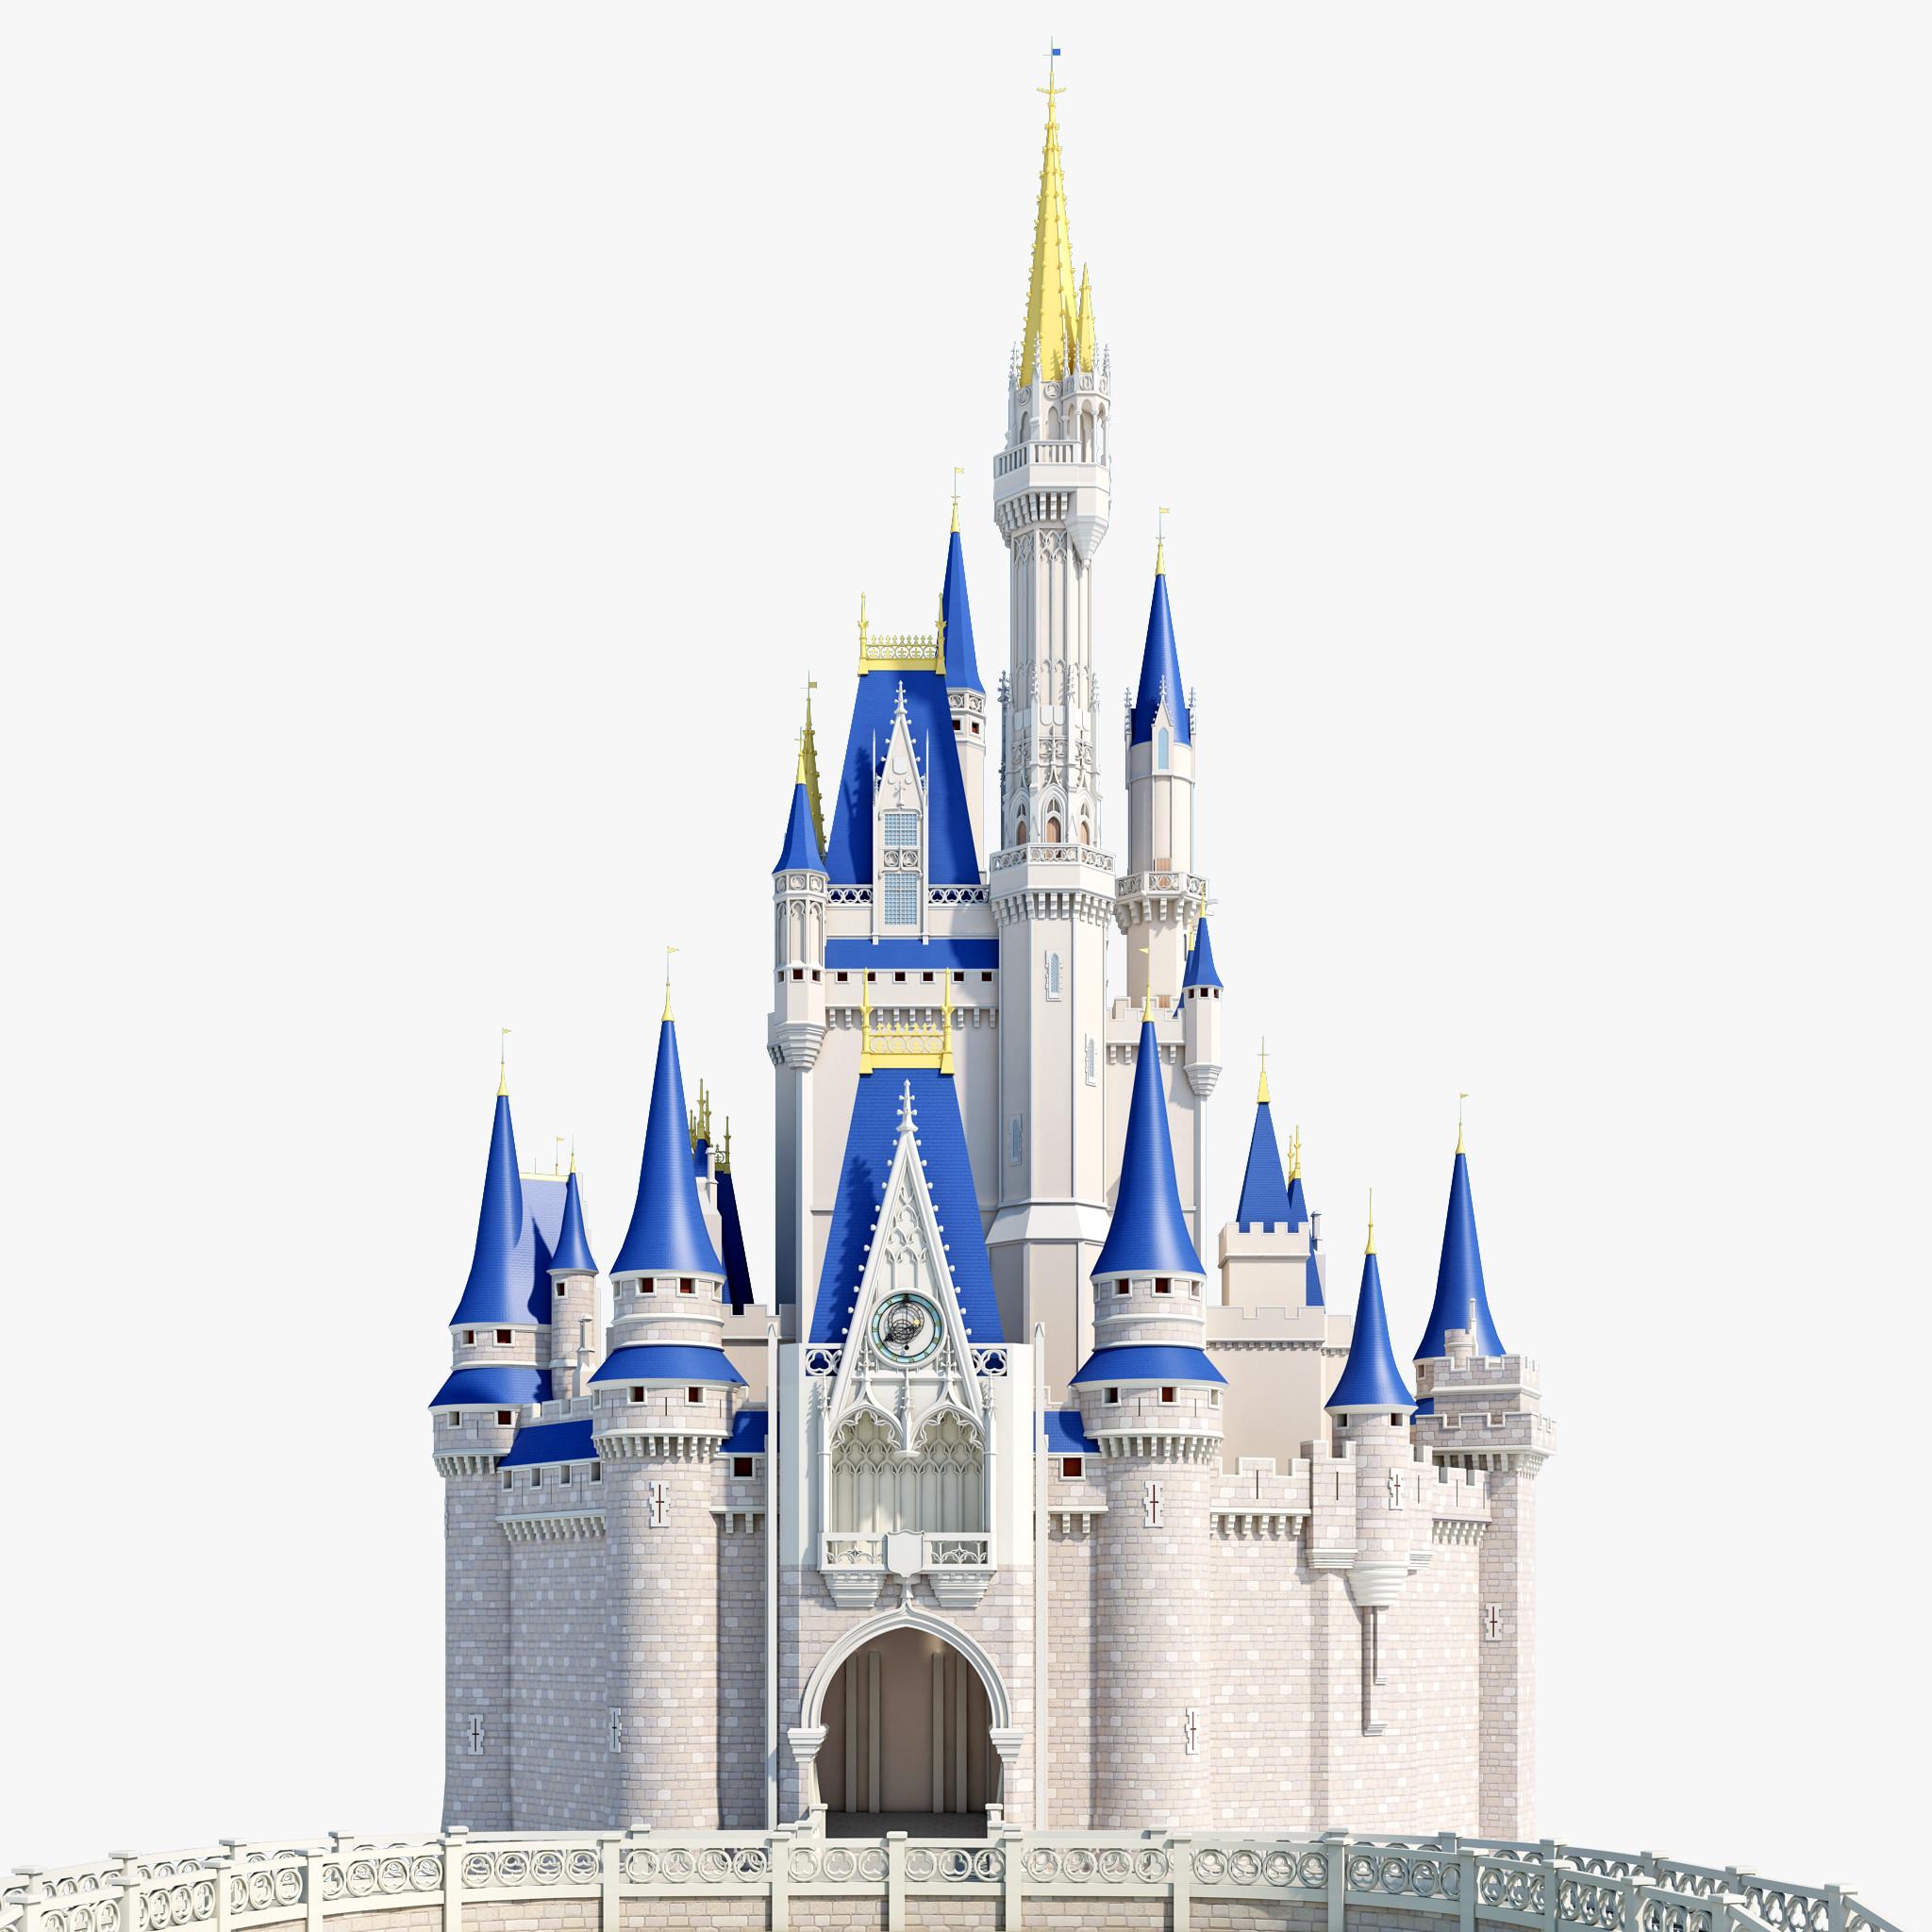 Cinderella's castle clipart - Clipground